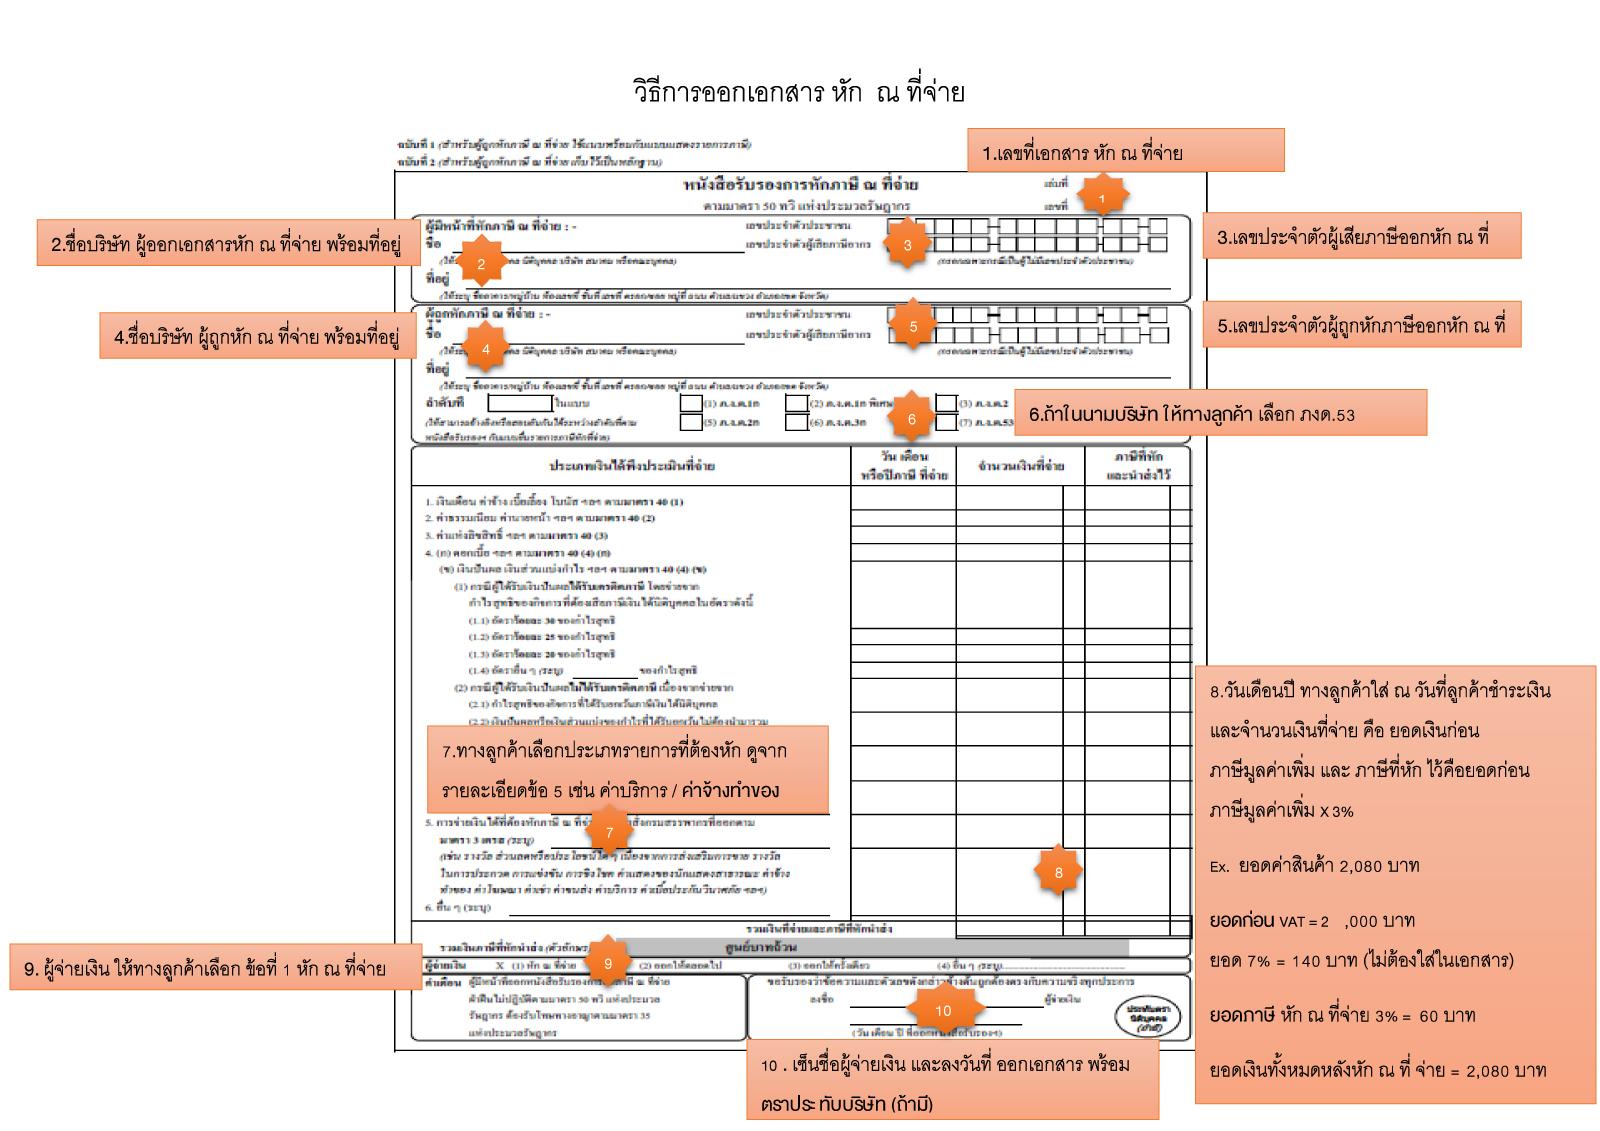 วิธีการออกเอกสาร หัก ณ ที่จ่าย